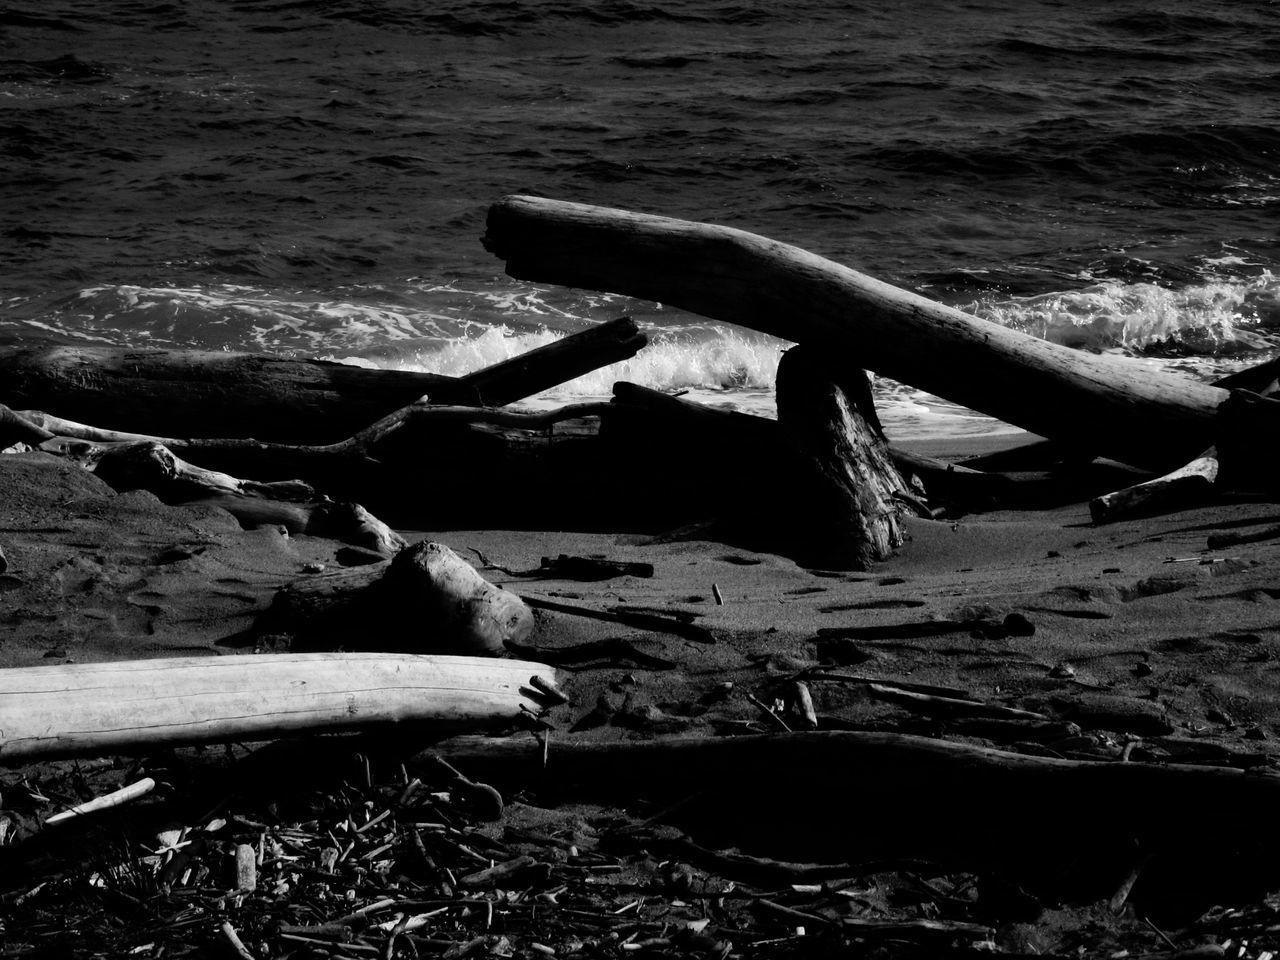 Sea Water Beach Nature Driftwood Sand Outdoors Kauai Hawaii Blackandwhite Photography